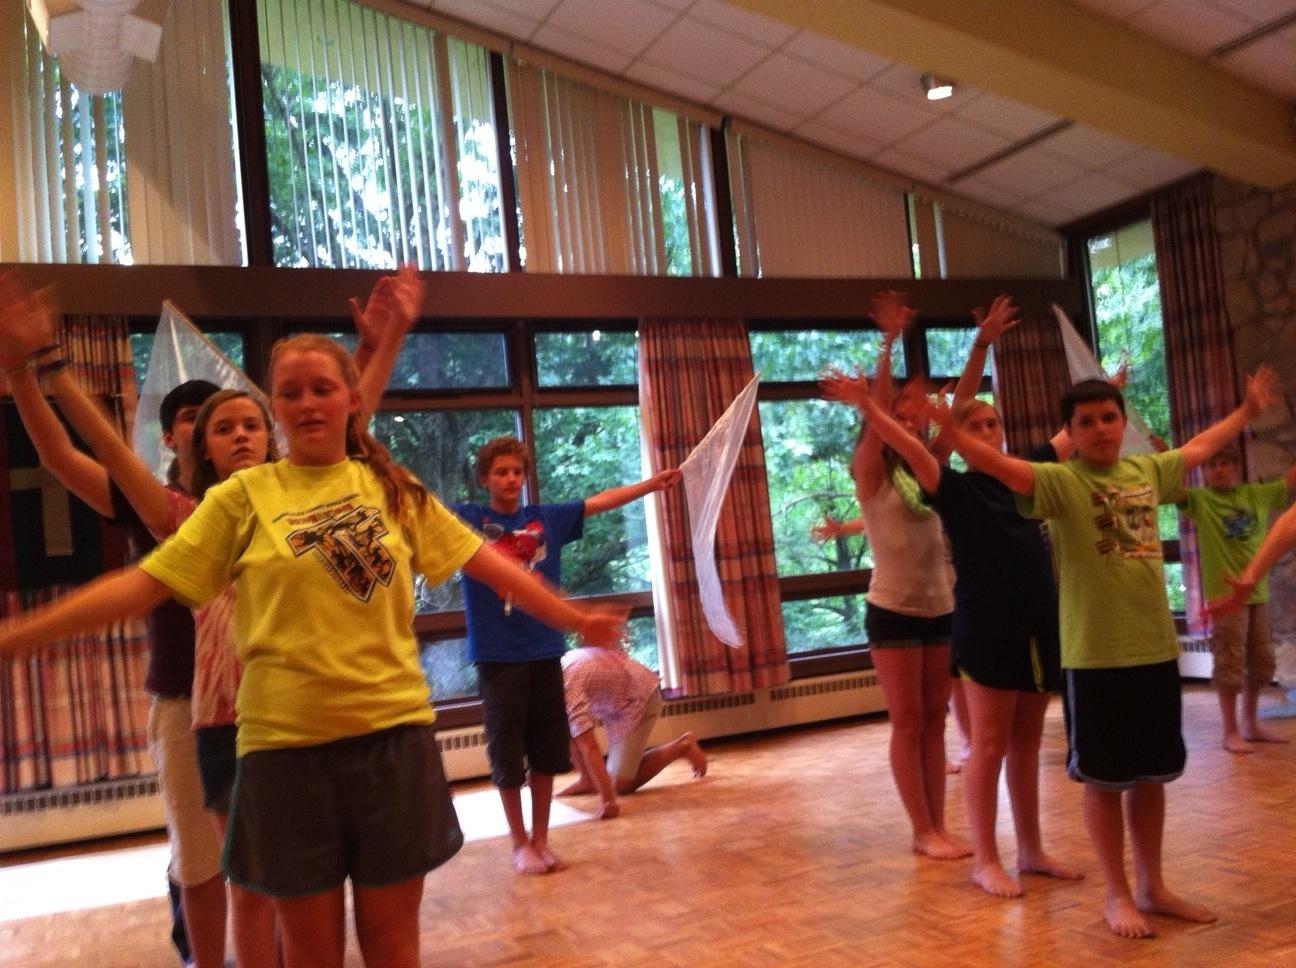 liturgical dance class